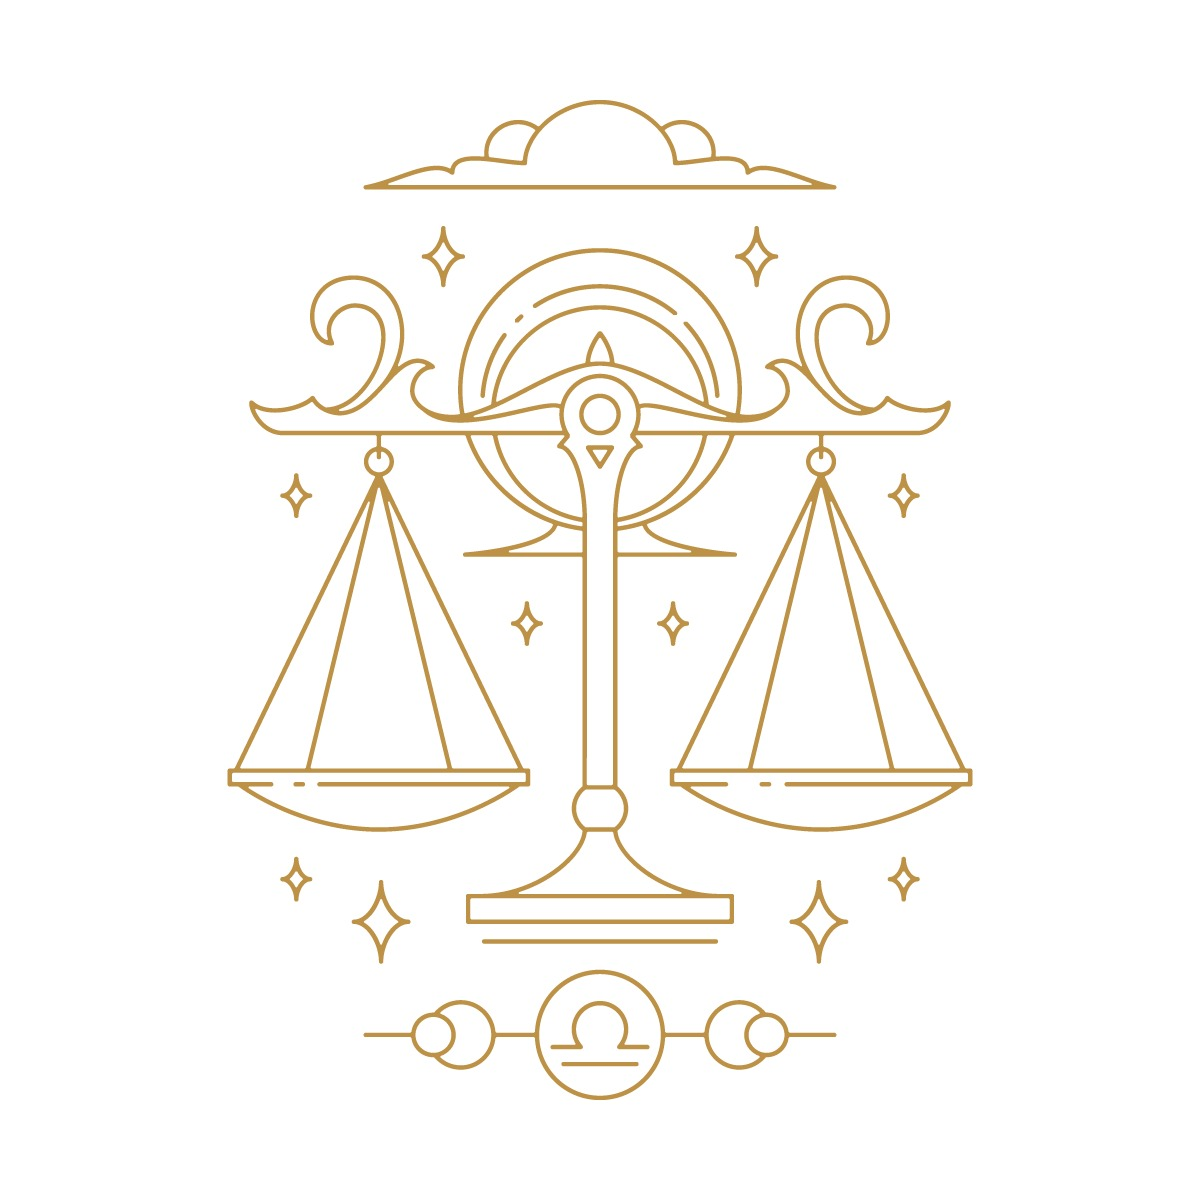 Hình ảnh cán cân công lý, biểu tượng cung Thiên Bình